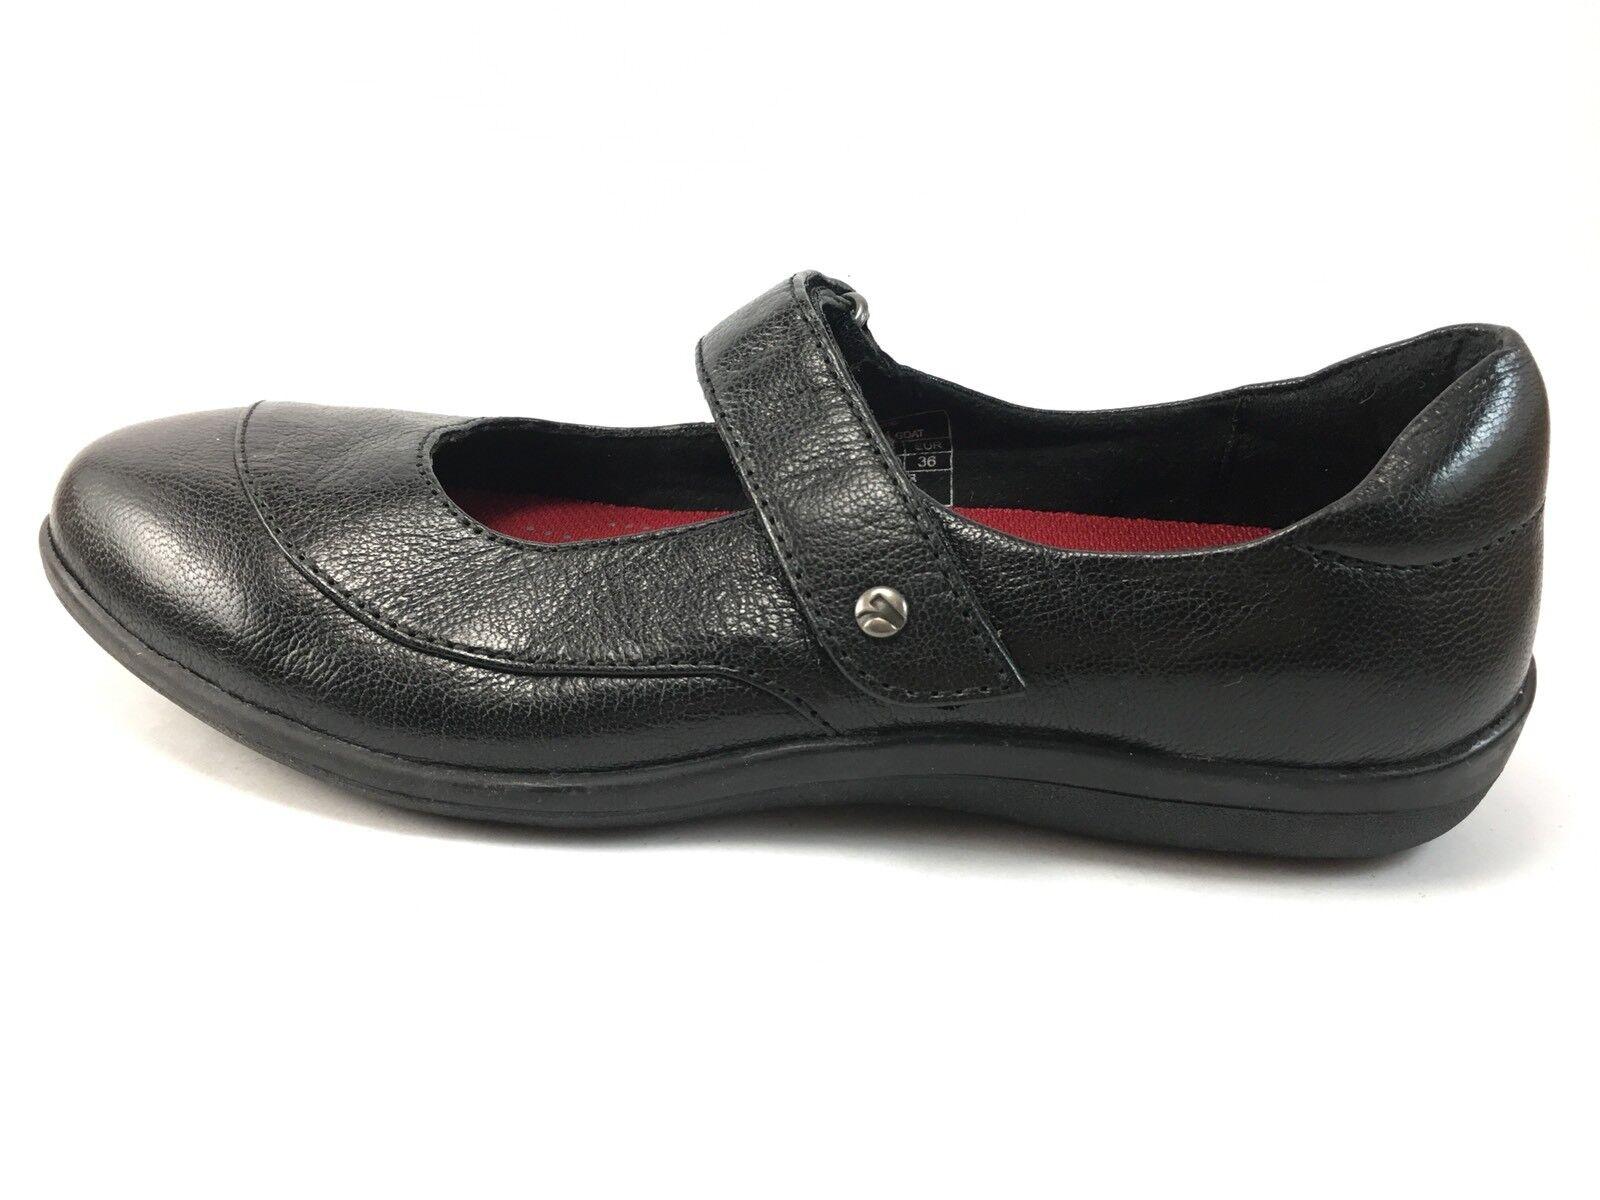 forma unica Revere donna's Amalfi nero Goat Flat scarpe Dimensione 5 5 5 M  economico online